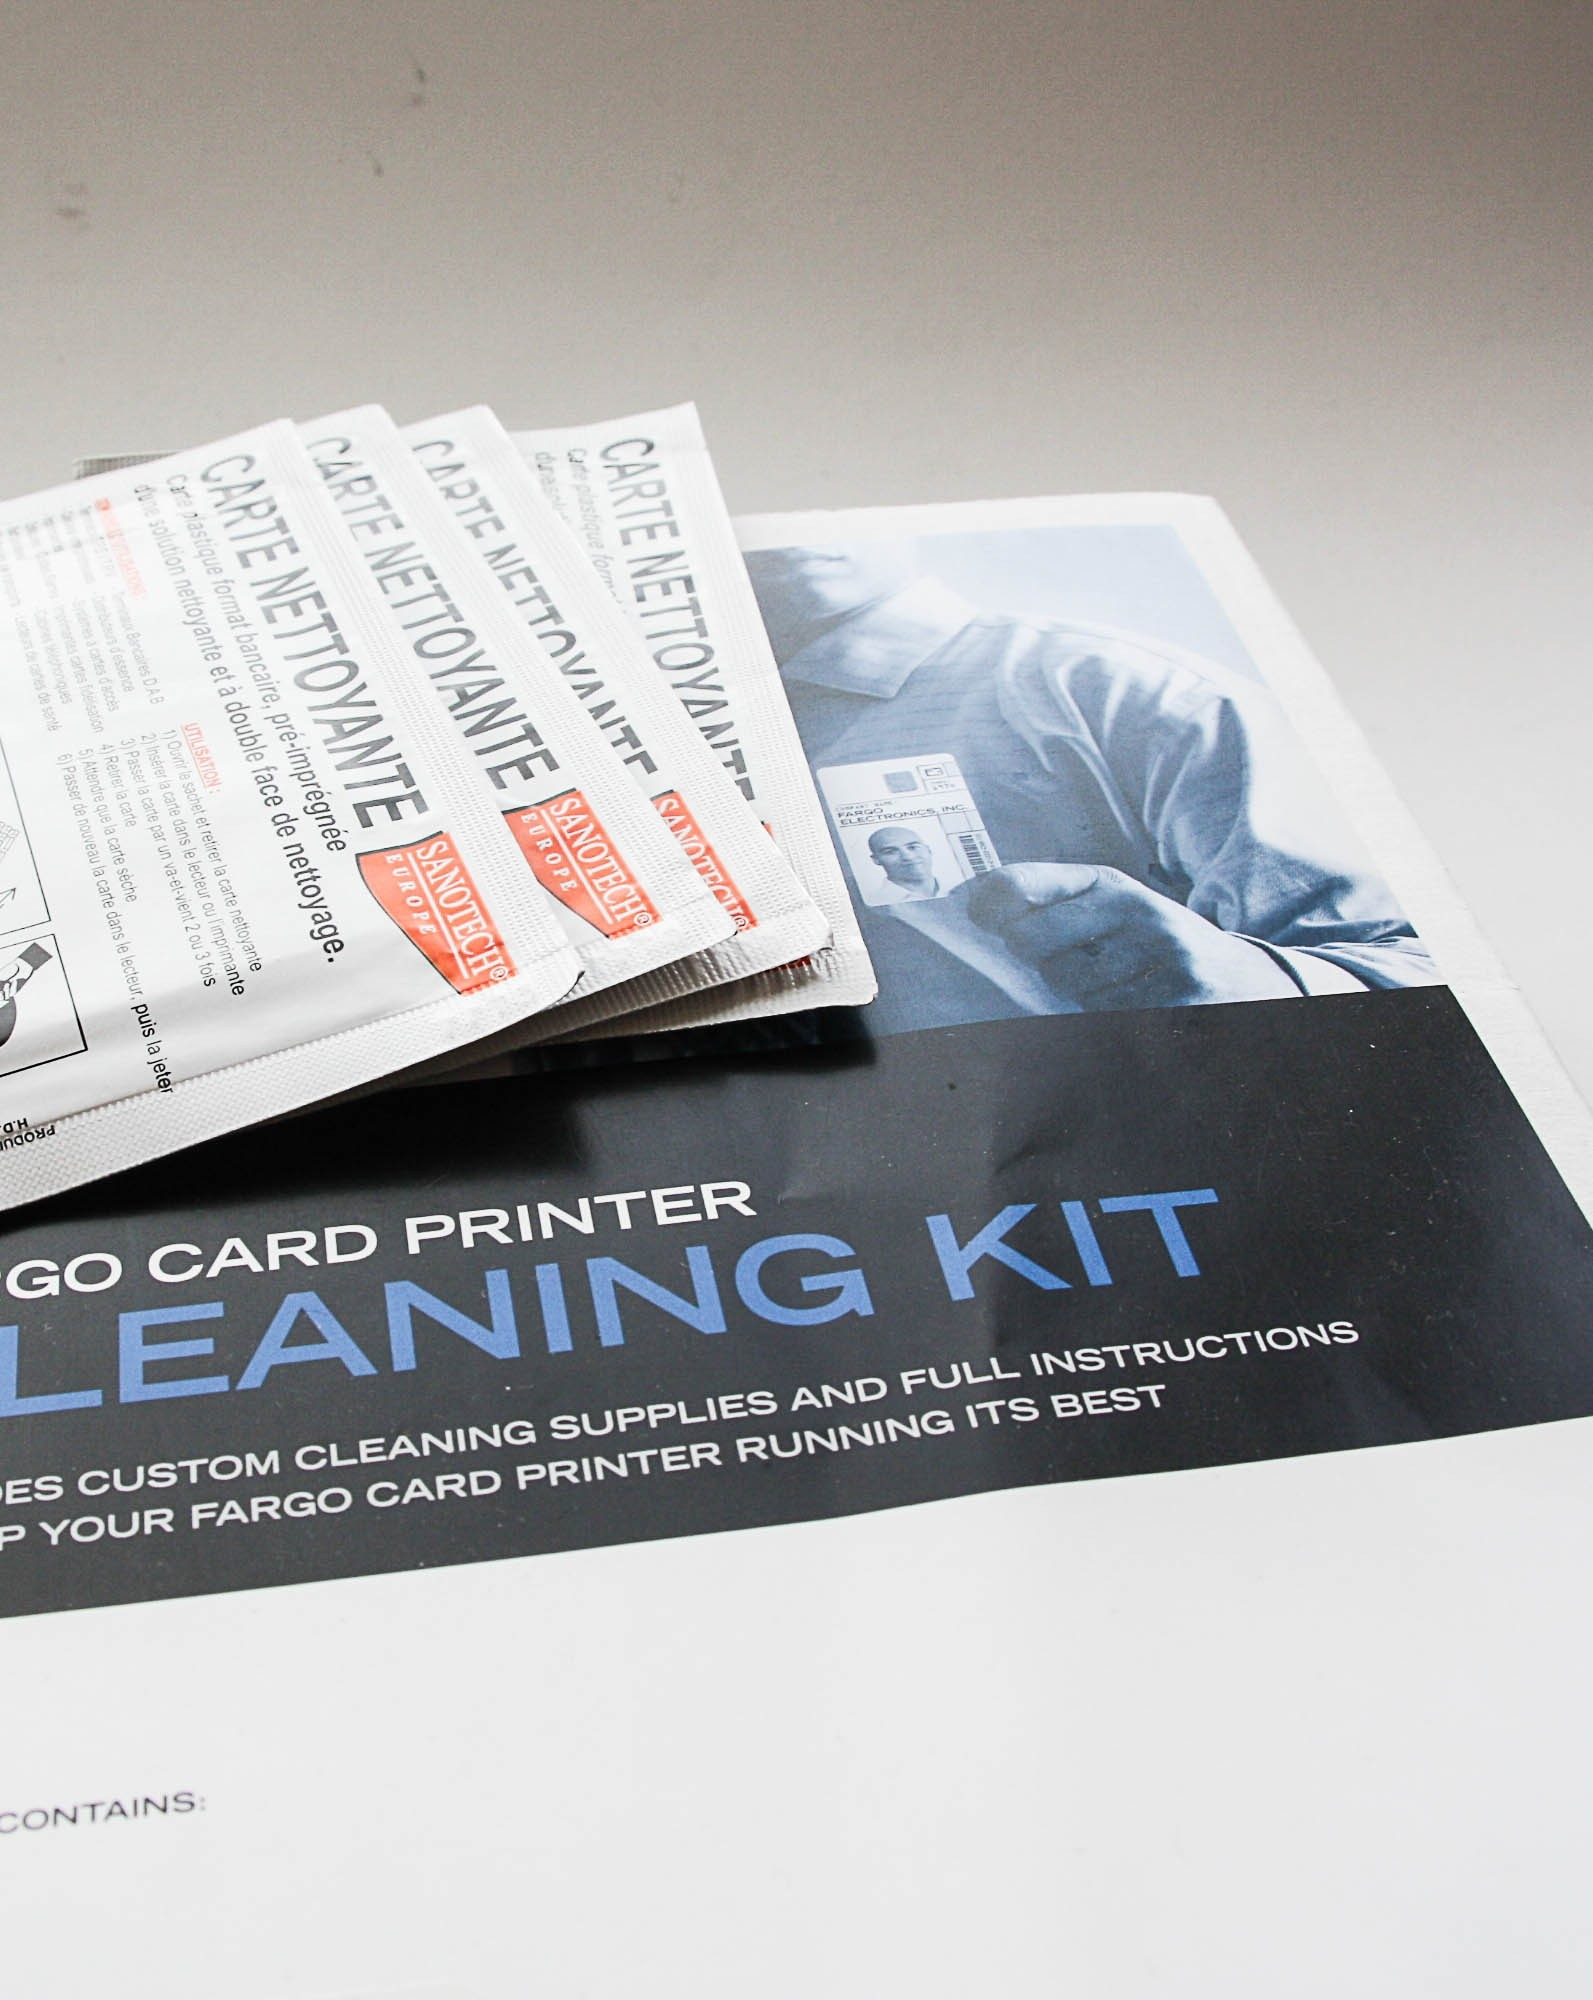 Produits d'entretien et kits de nettoyage pour imprimantes Fargo